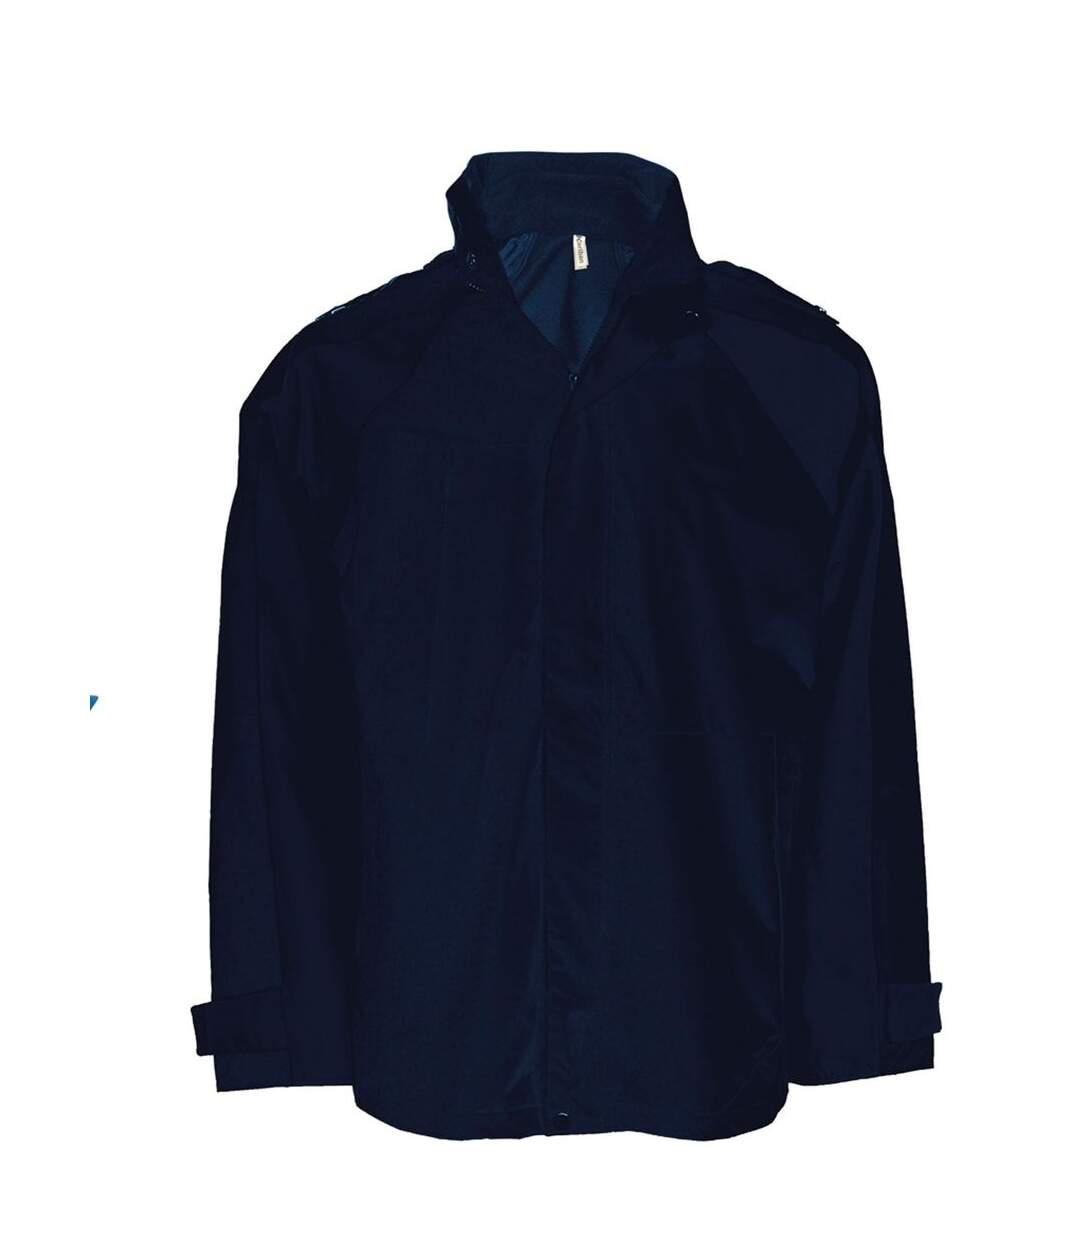 Parka Homme 3 en 1 - K657 - bleu marine